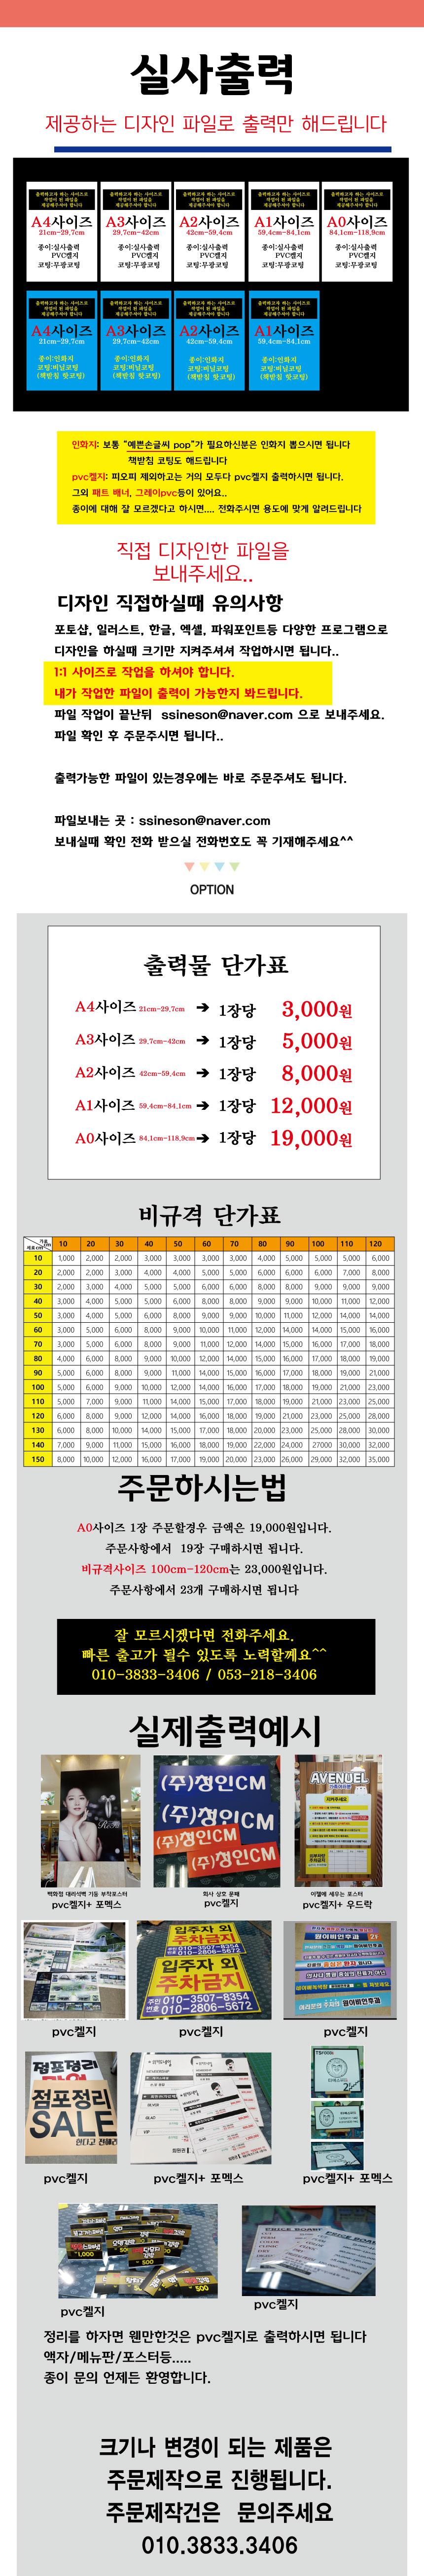 실사출력 대형출력 출력 피오피 PVC 인화지 유포지 - 씨네손, 1,000원, 문패/보드, 아크릴문패